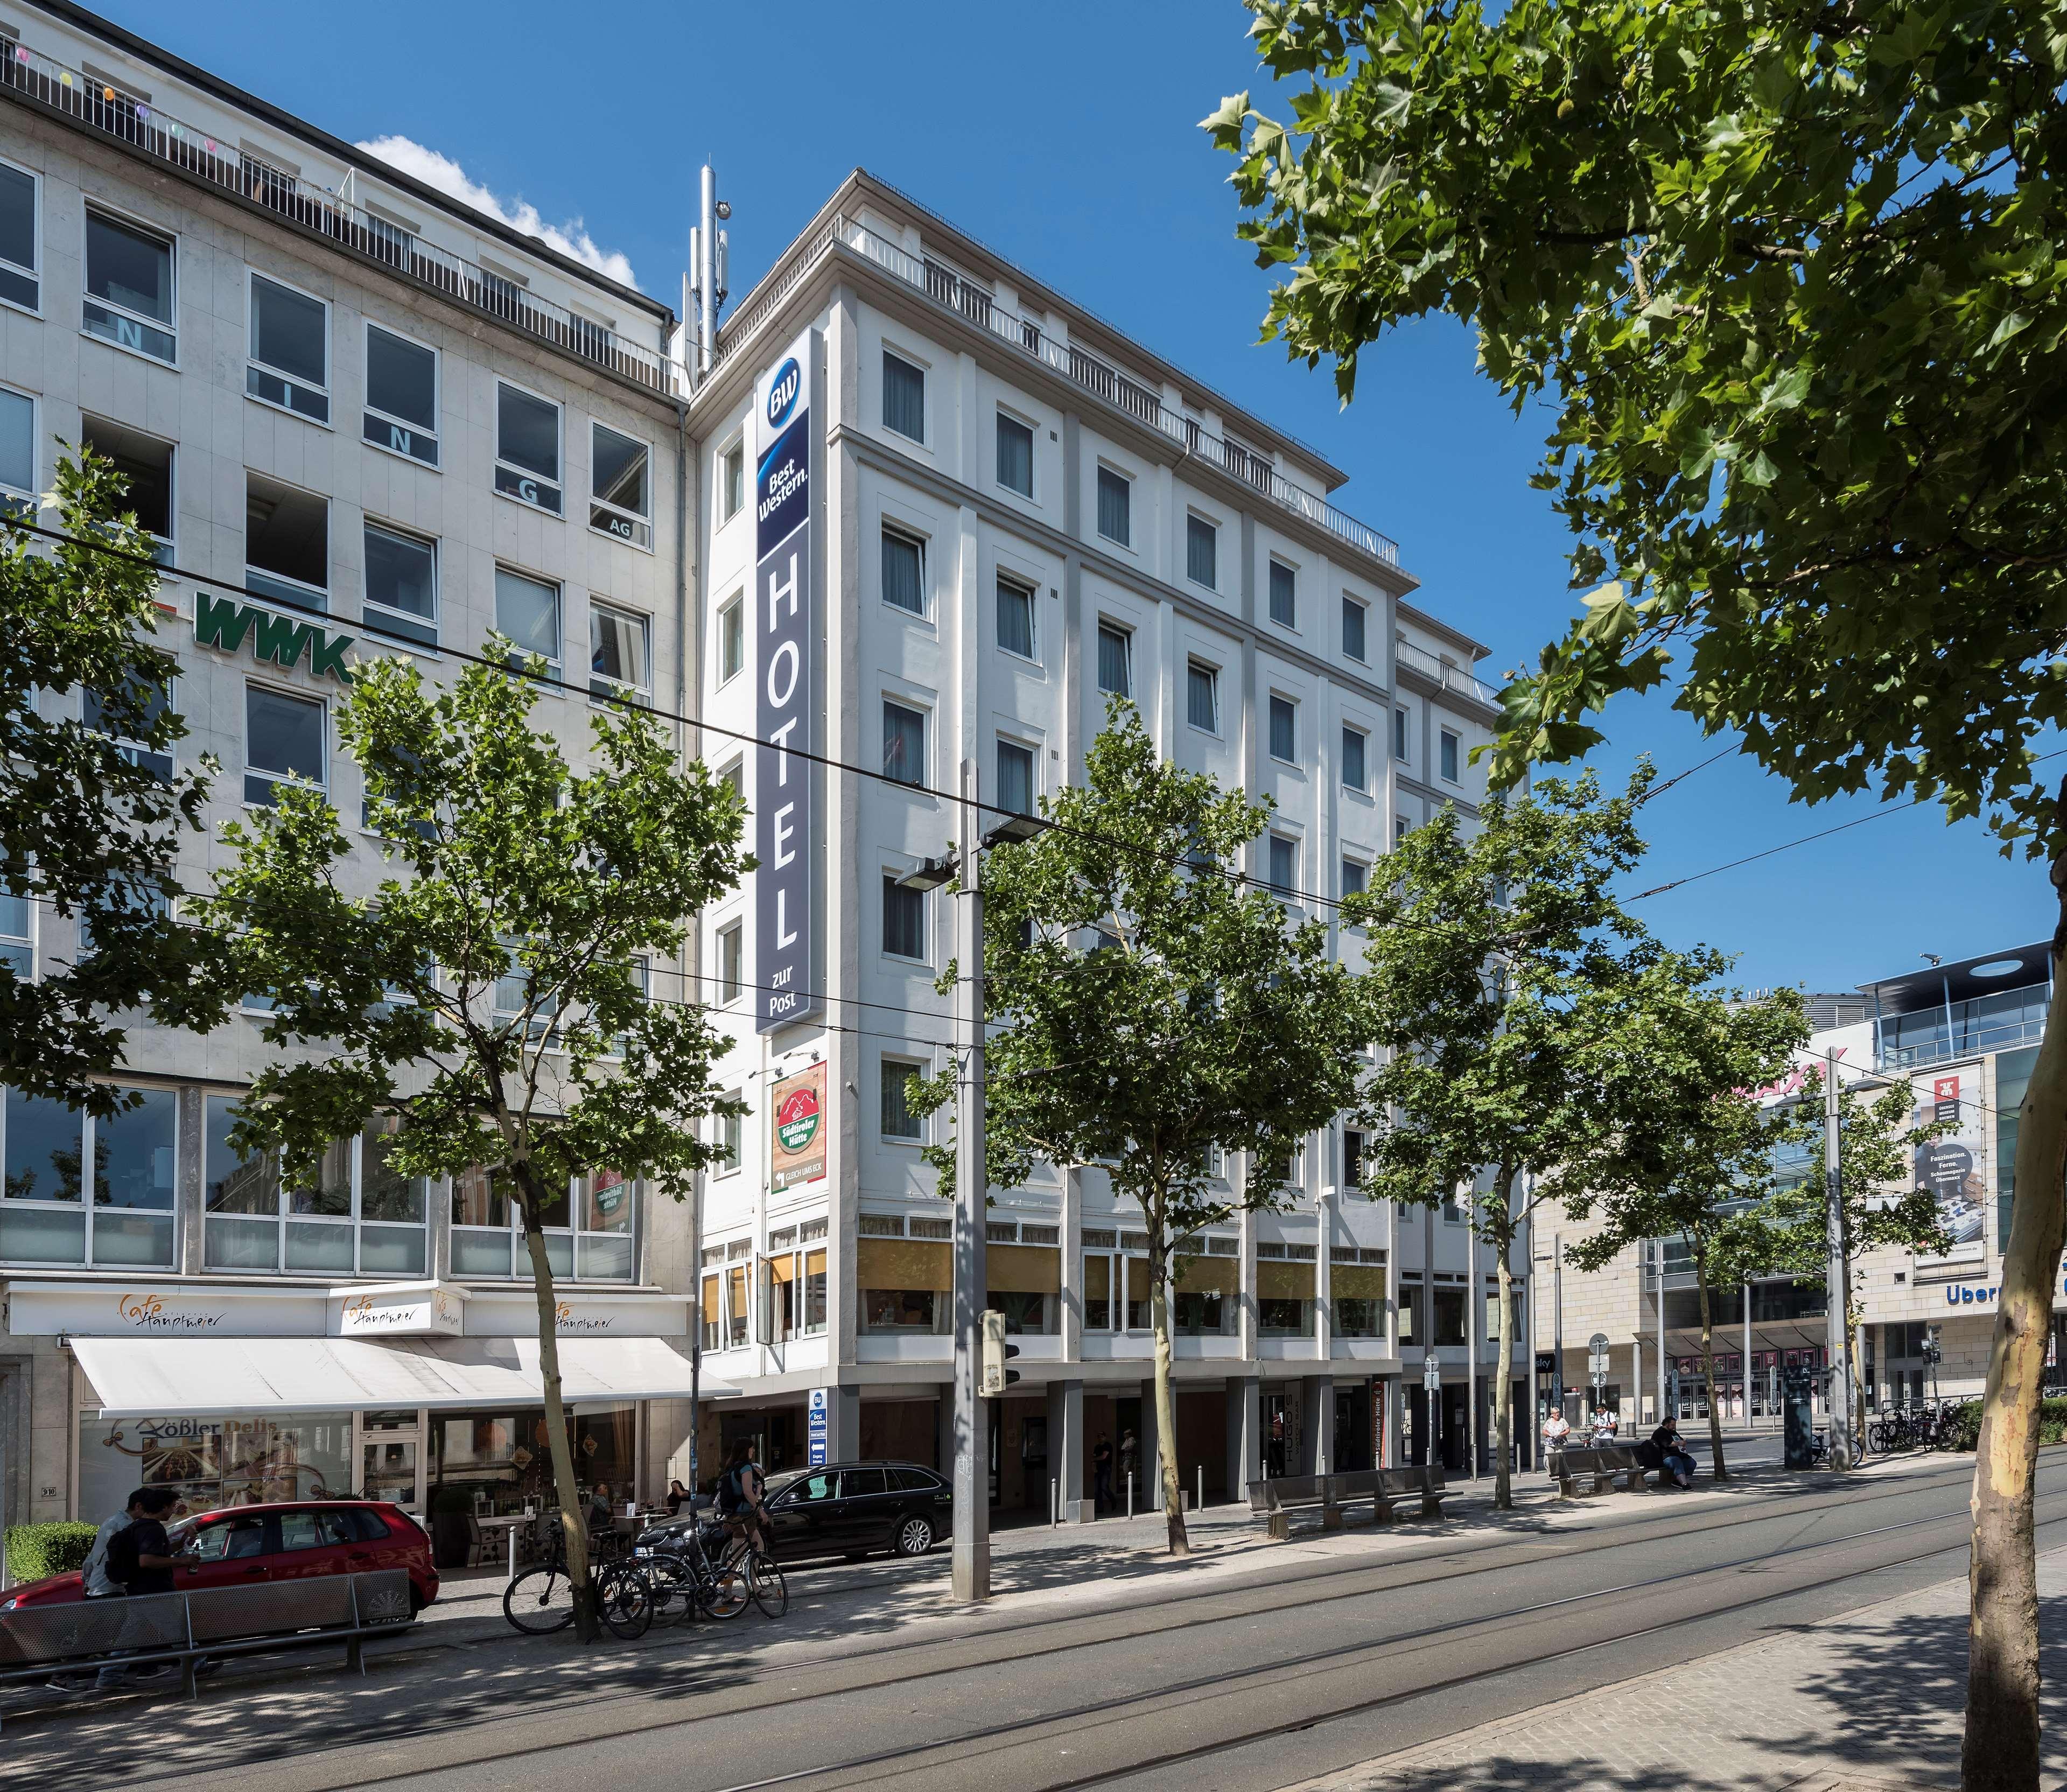 Best Western Hotel Zur Post, Bahnhofsplatz 11 in Bremen